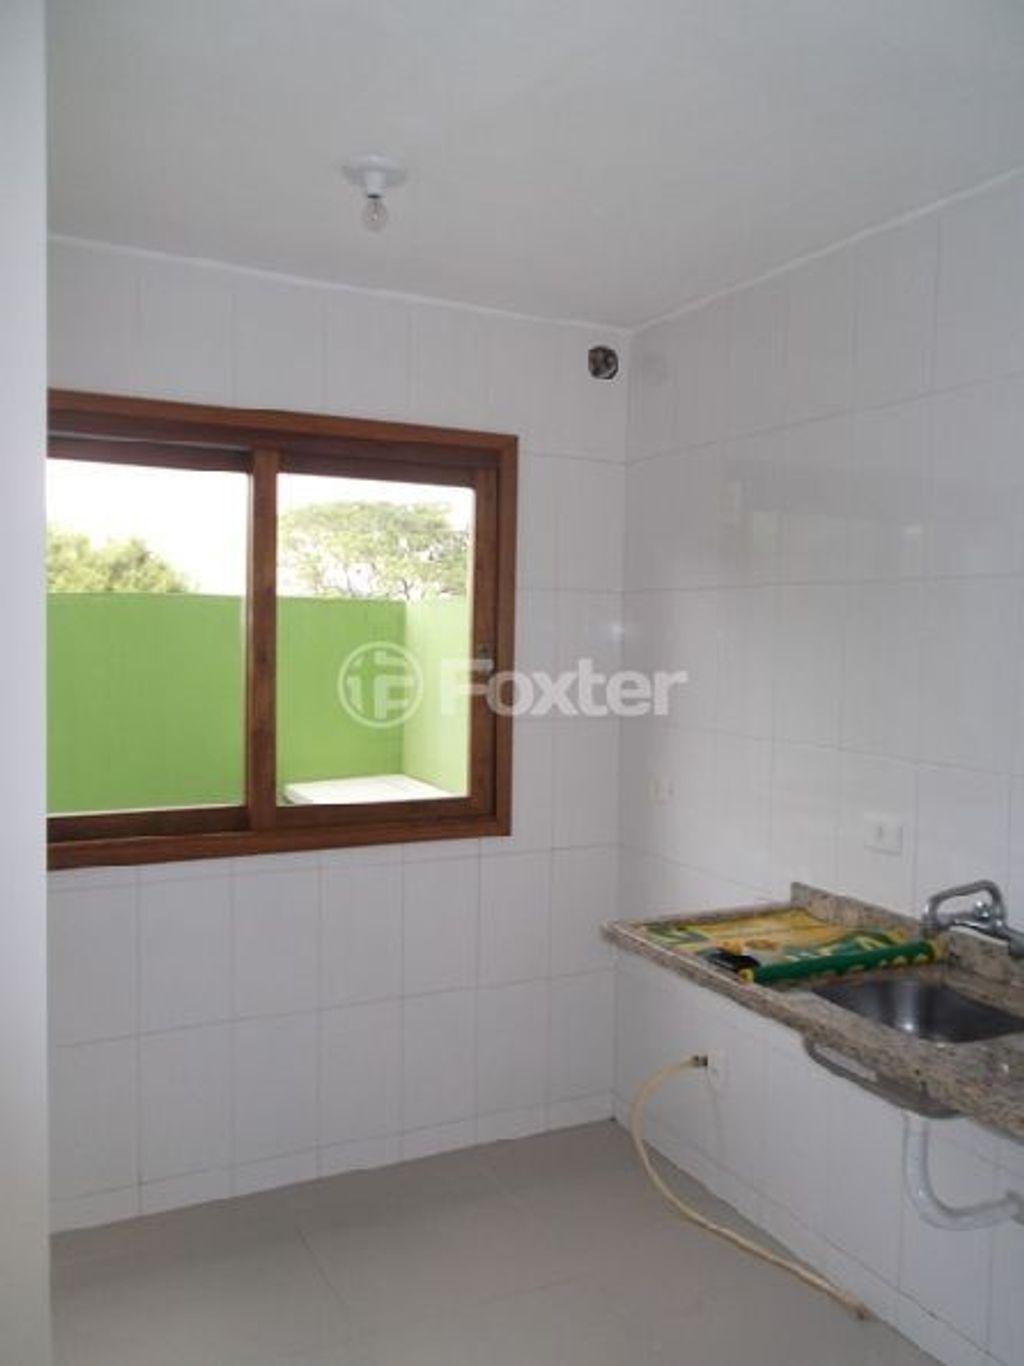 Foxter Imobiliária - Casa 3 Dorm, Espírito Santo - Foto 2